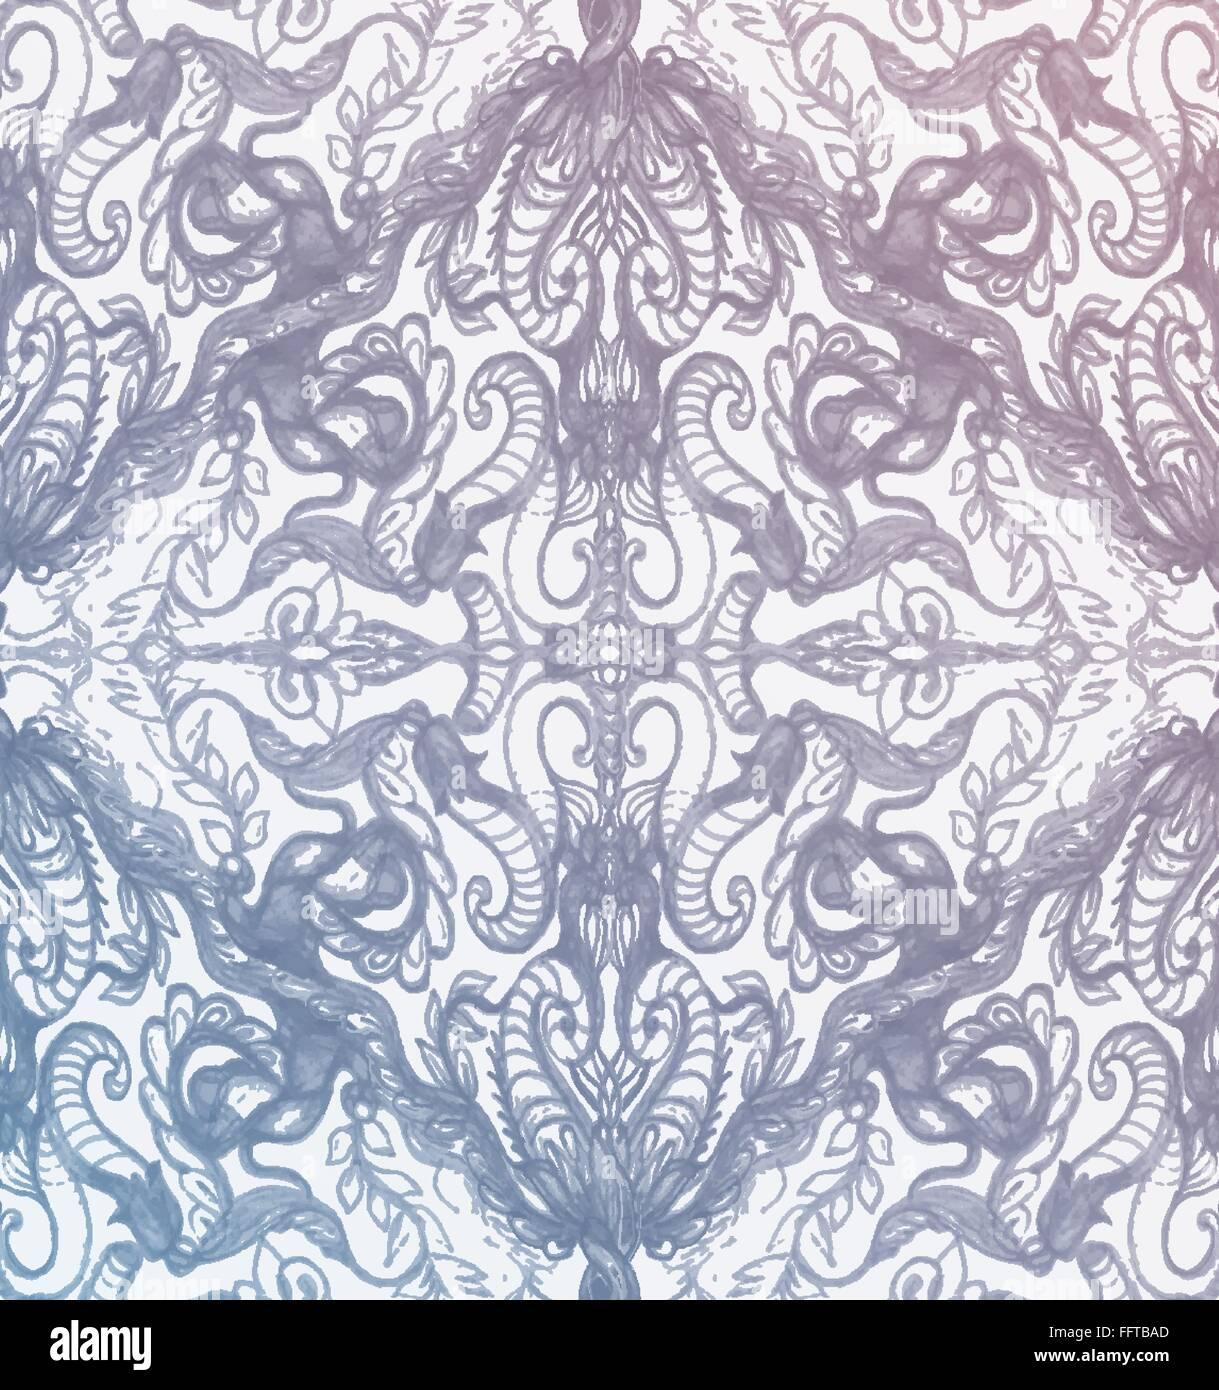 Vintage rosa e blu ornamento di pattern con maschera di ritaglio Immagini Stock